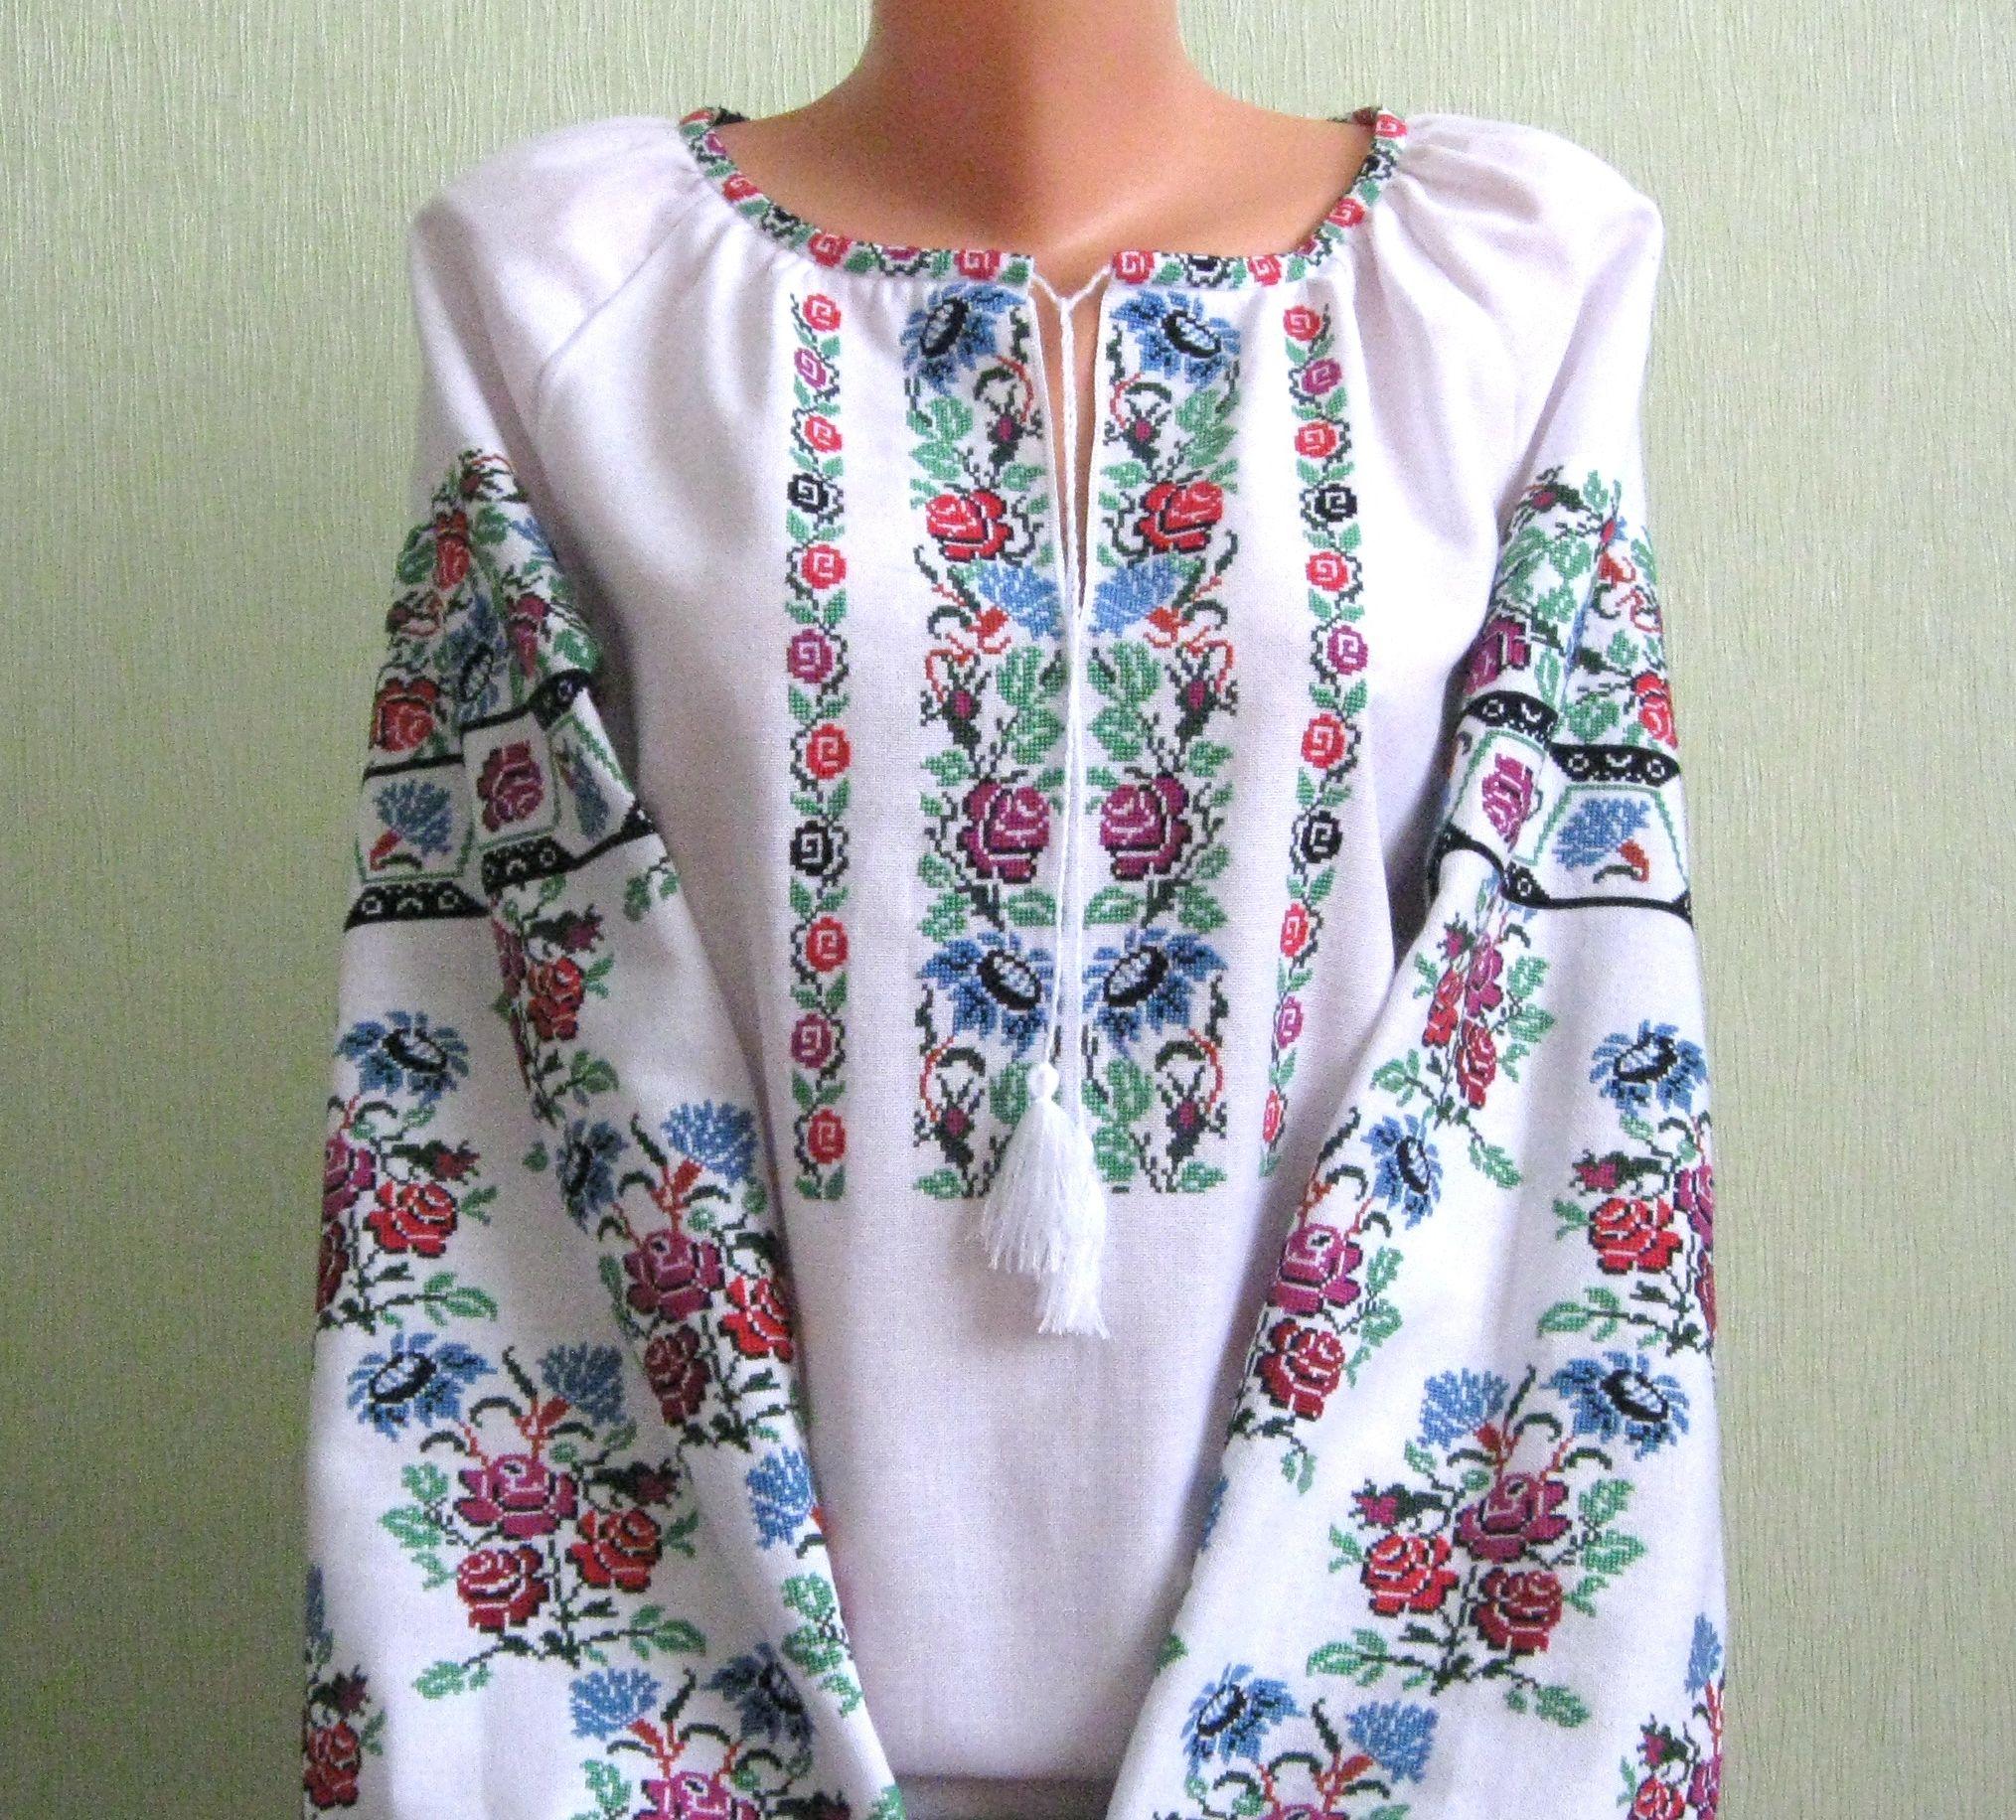 сучасна вишиванка ручної роботи жіноча - Товари - Вишиванки ручної ... 9aa716bd88fae